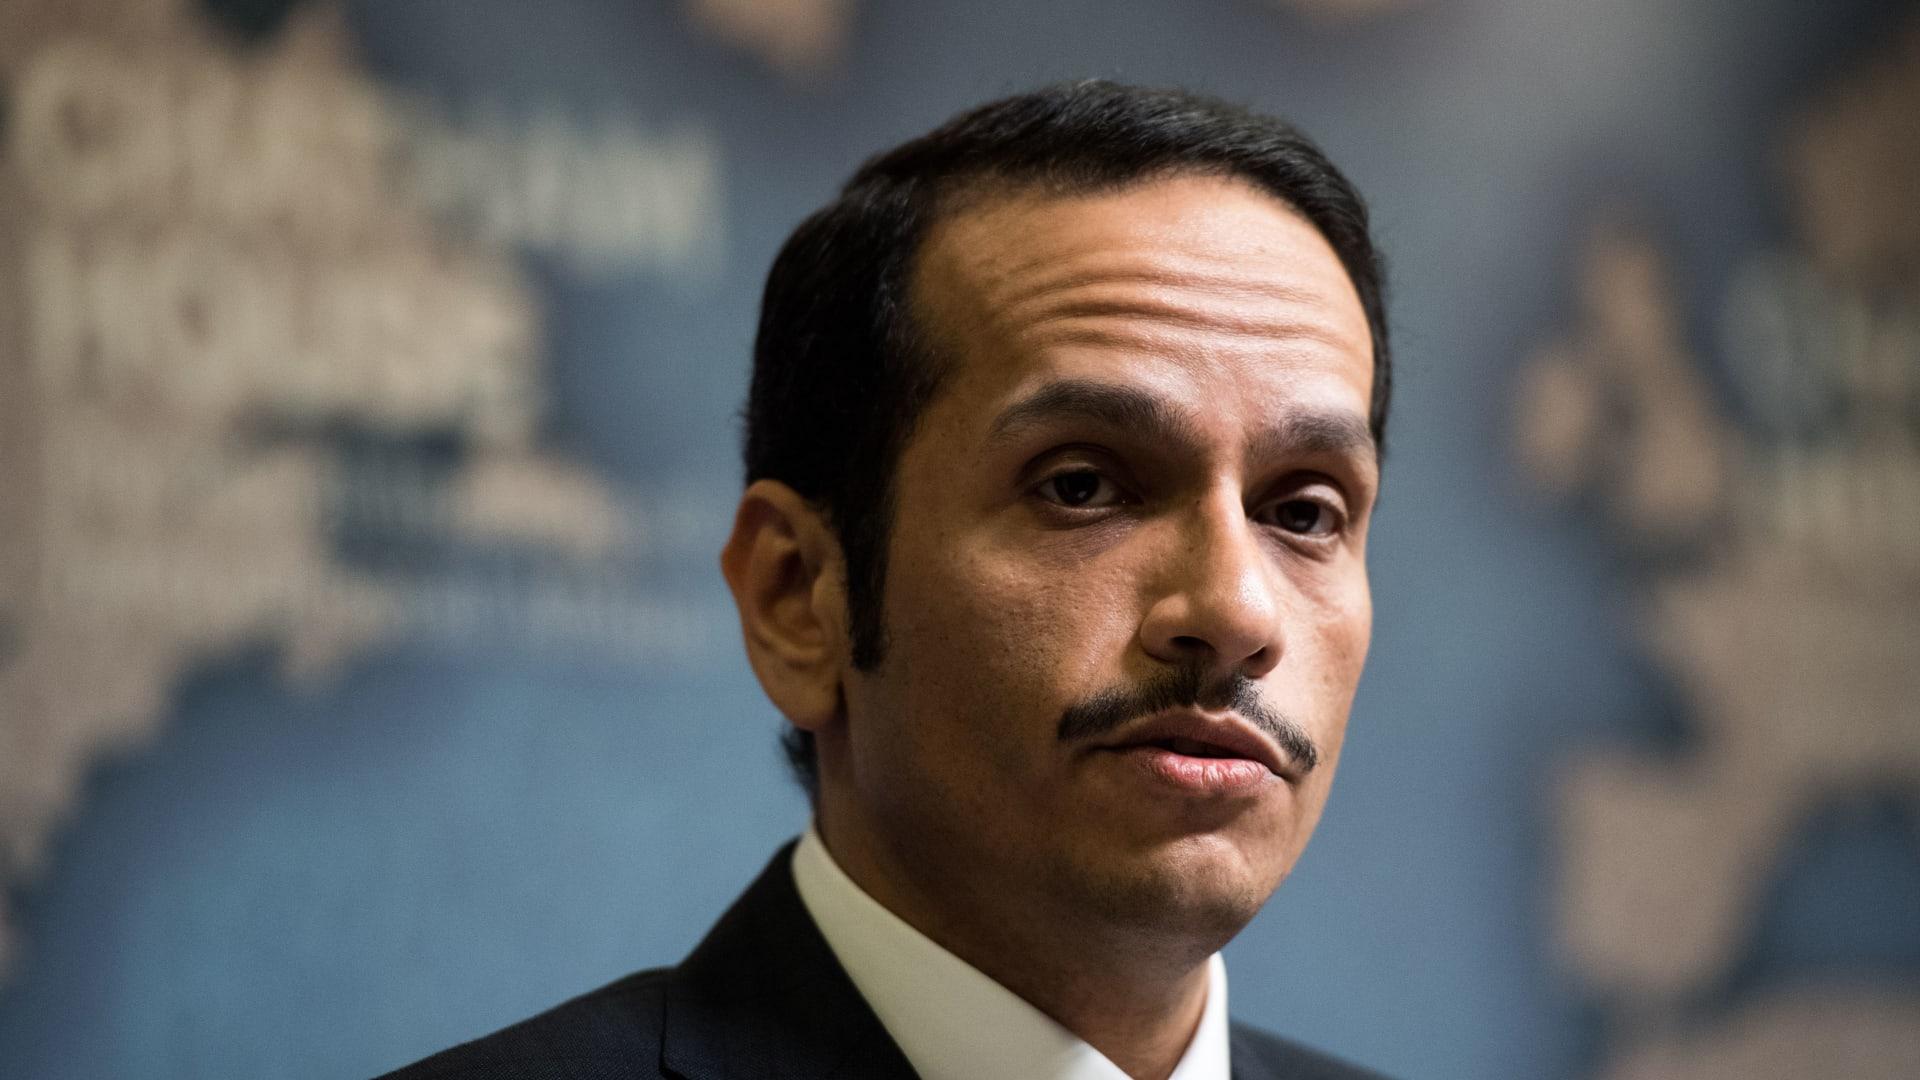 نتنياهو: سنرد بقوة إذا خرقت حماس التهدئة.. وآمل ألا تعود أمريكا لاتفاقية إيران